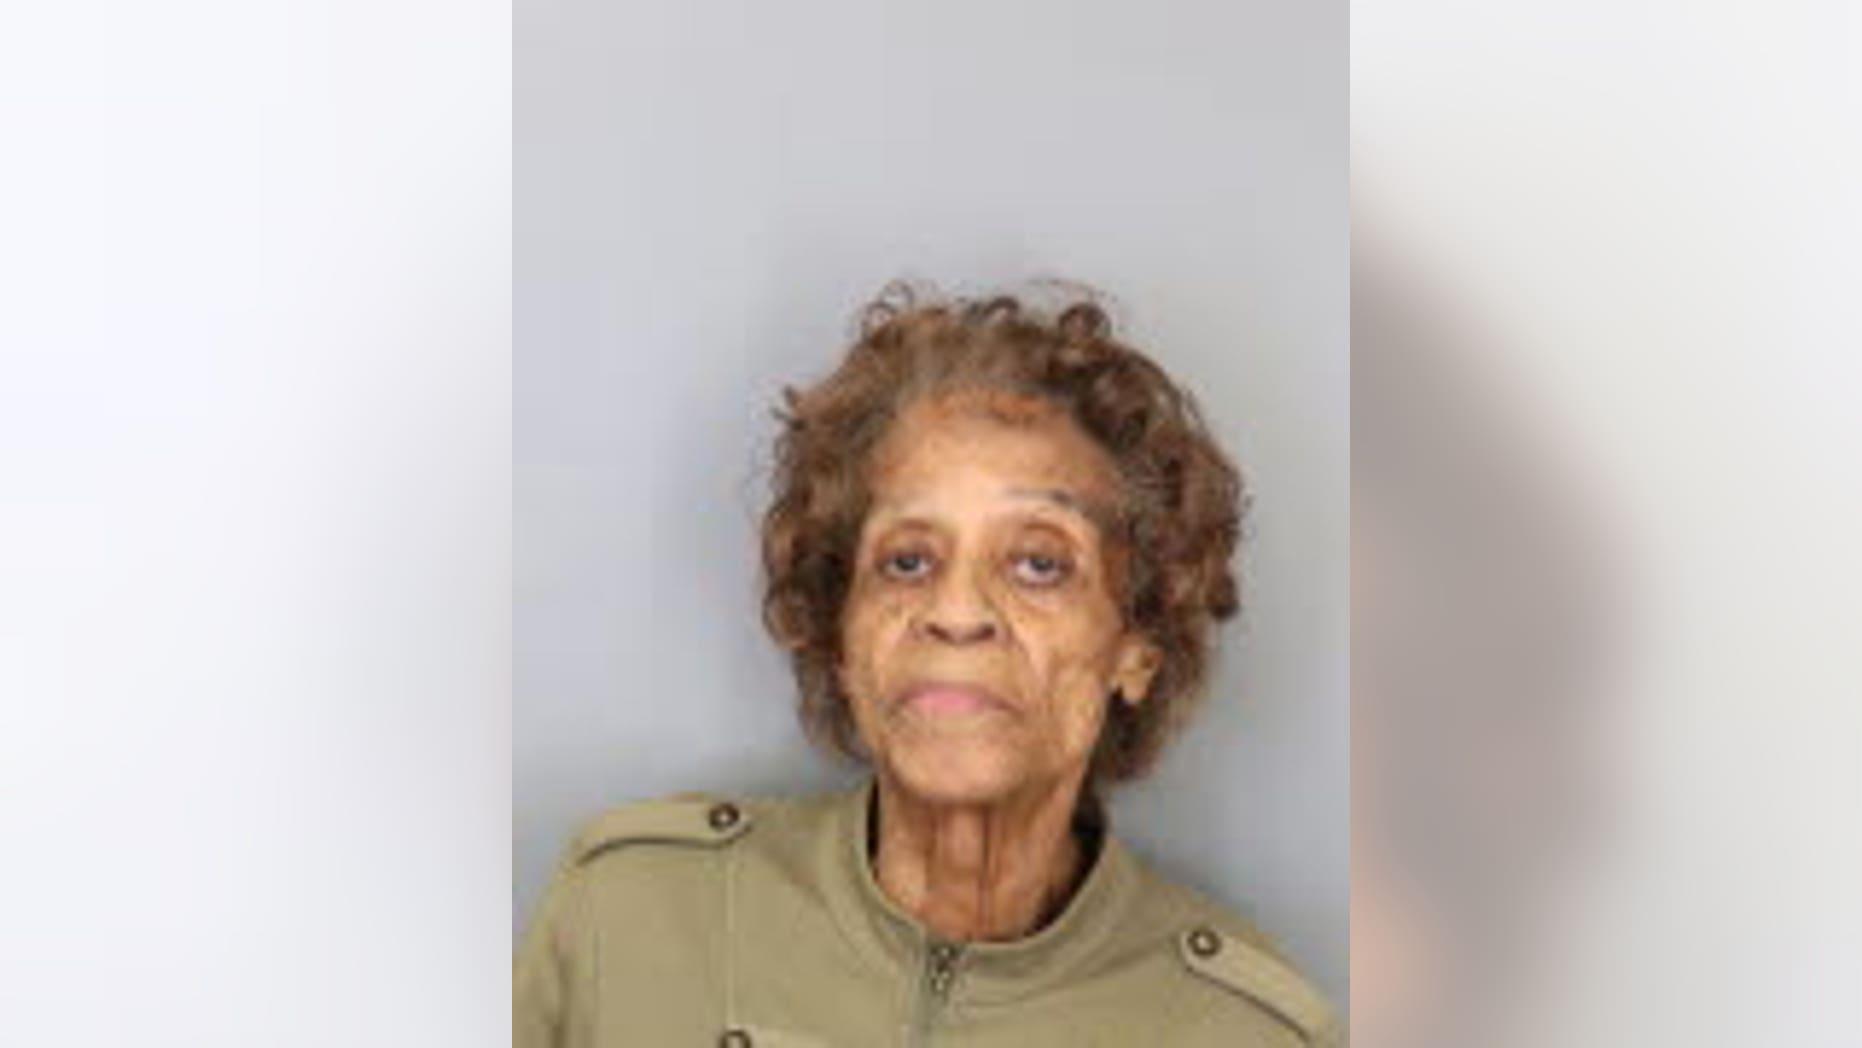 Bessie Bowen, âgée de 90 ans, a été arrêtée pour avoir apparemment pointé une arme à feu et menacé de tuer un voisin dans son jardin.